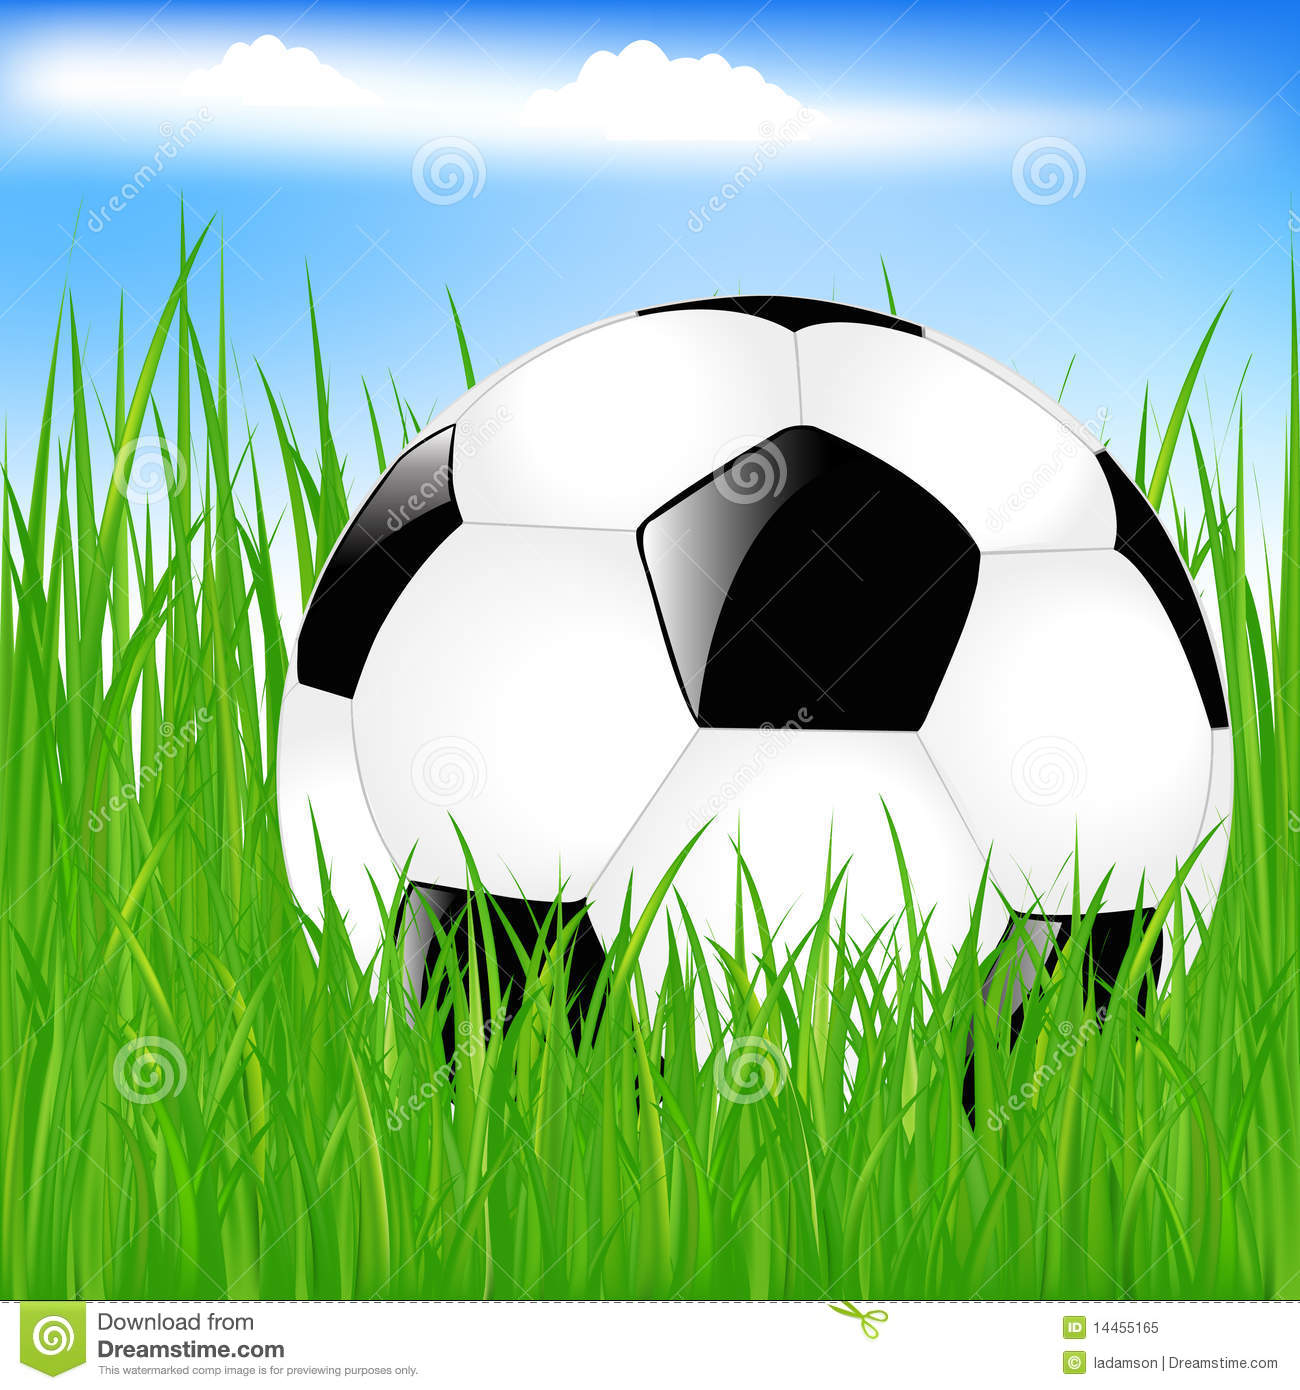 Soccer ball cartoon clipart jpg transparent download Soccer ball on grass clipart - ClipartFest jpg transparent download